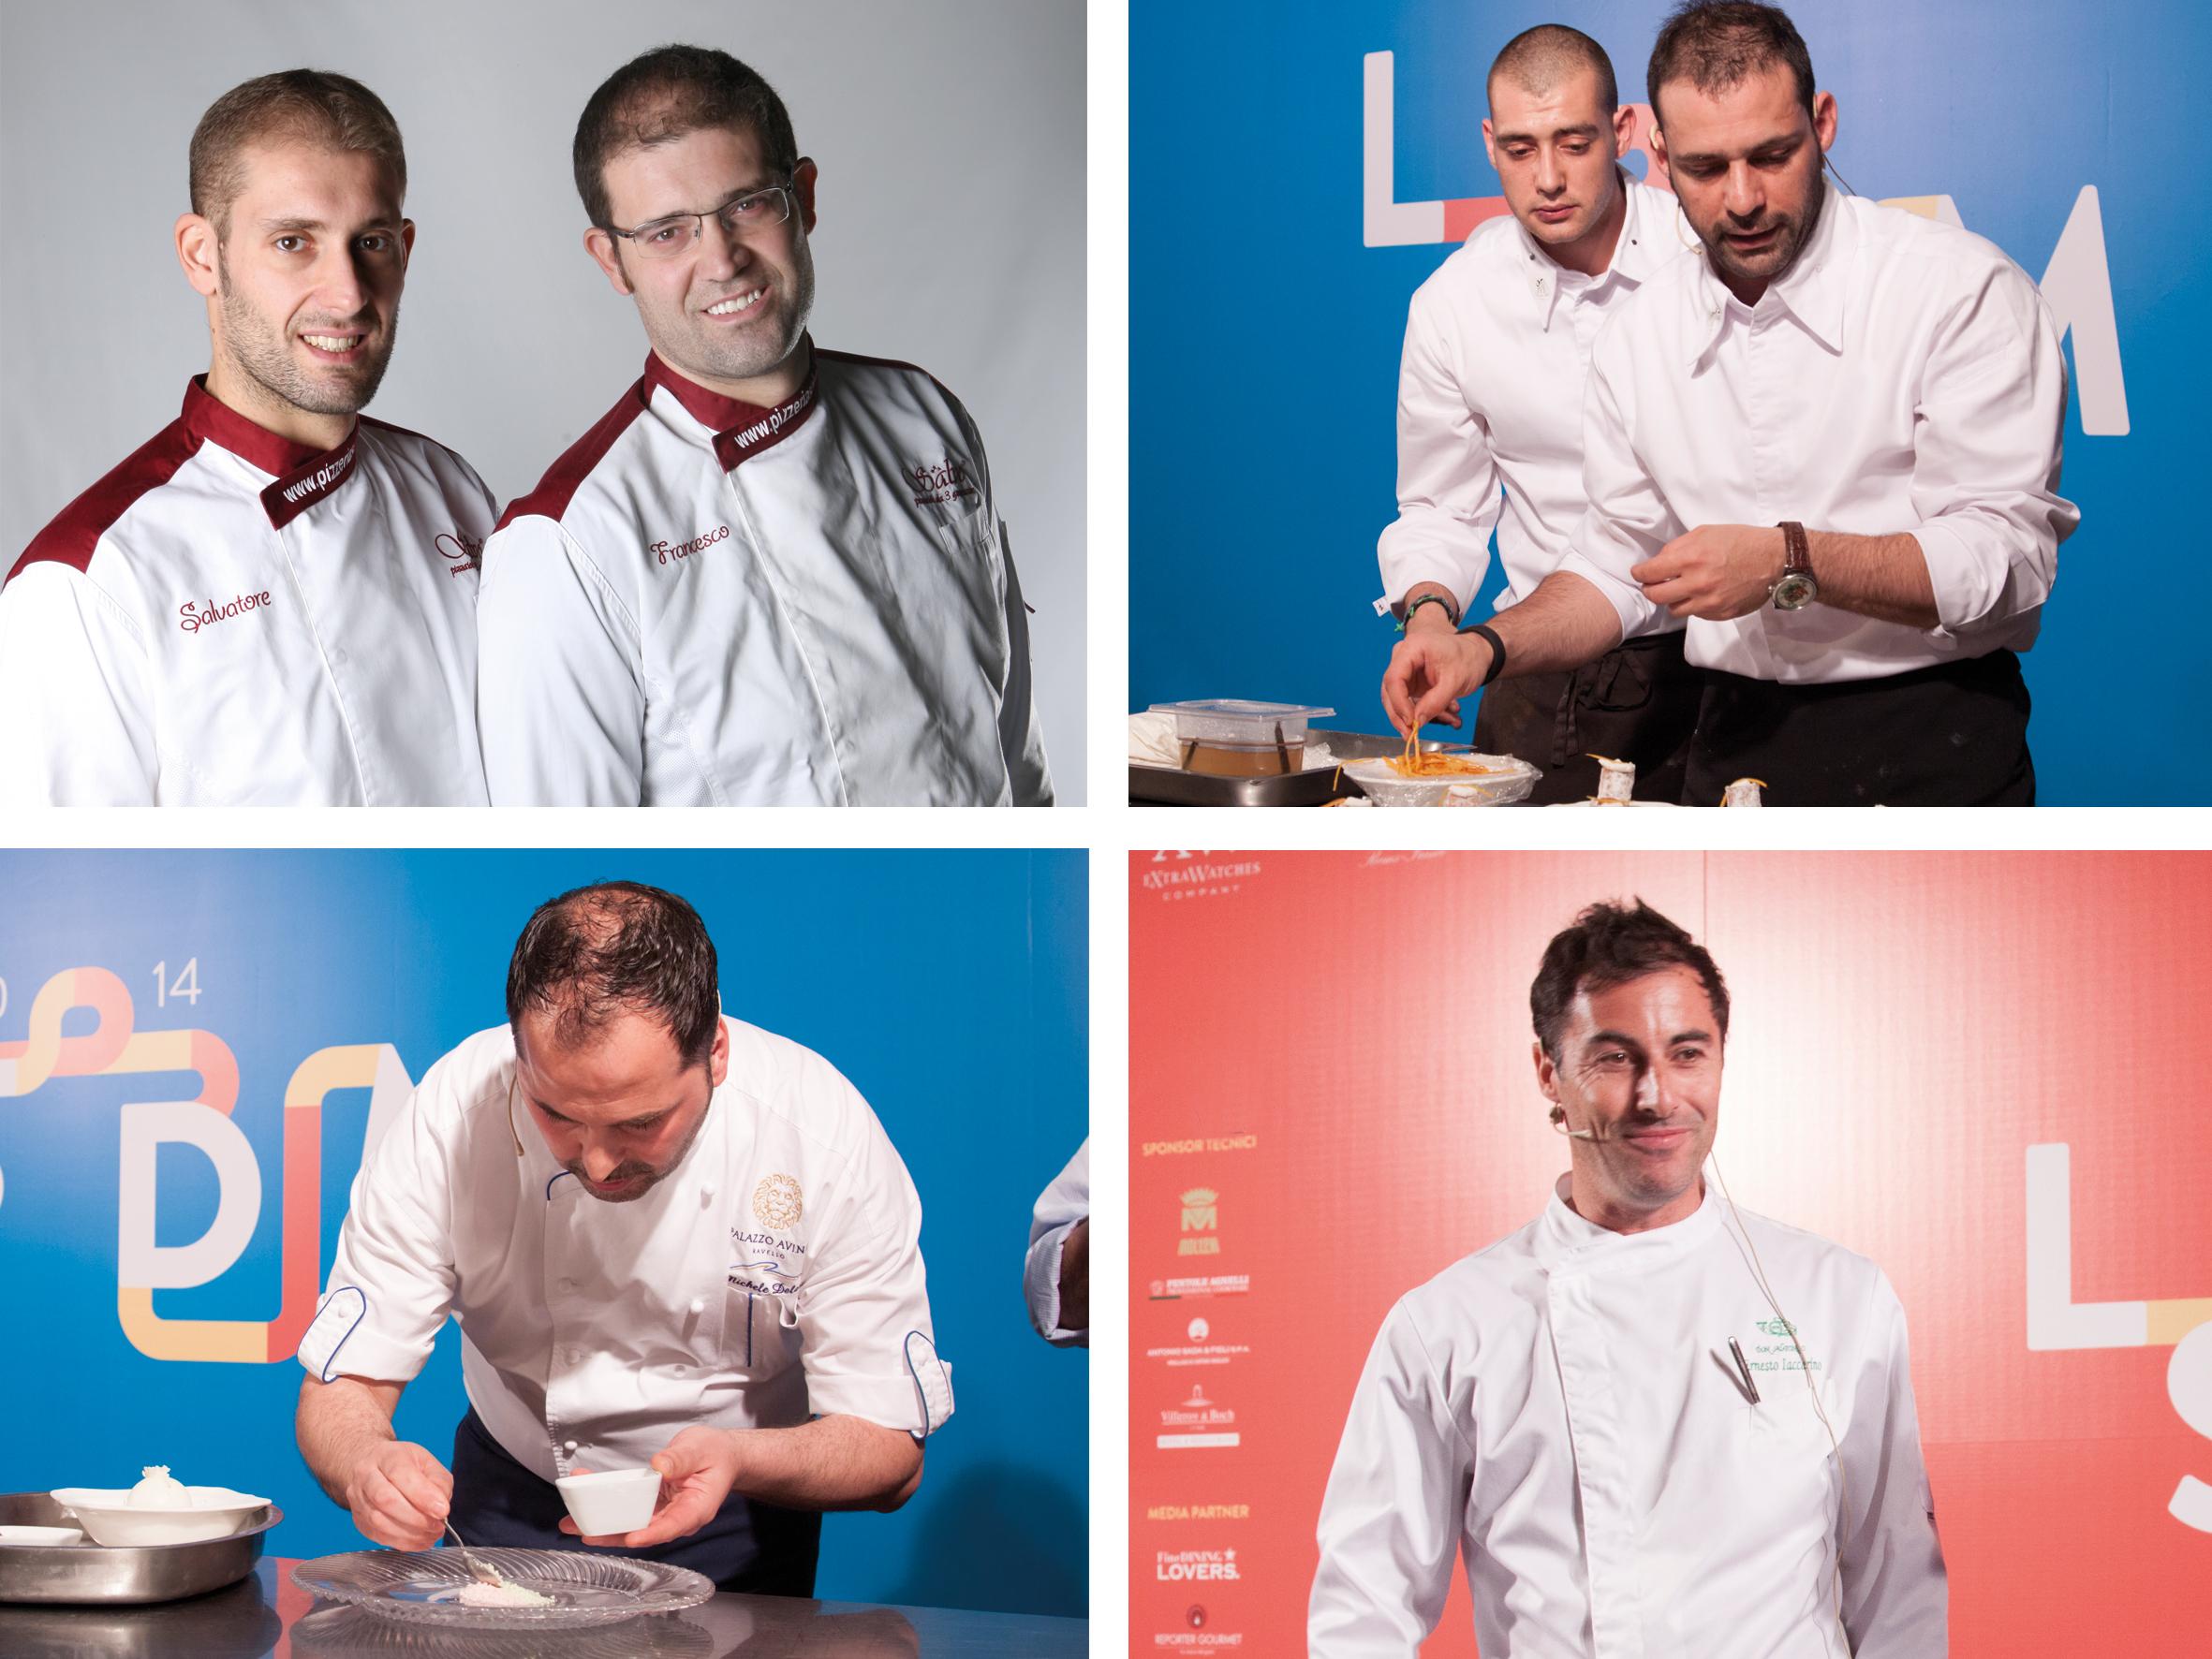 Le grandi ricette della cucina italiana protagoniste dei corsi on